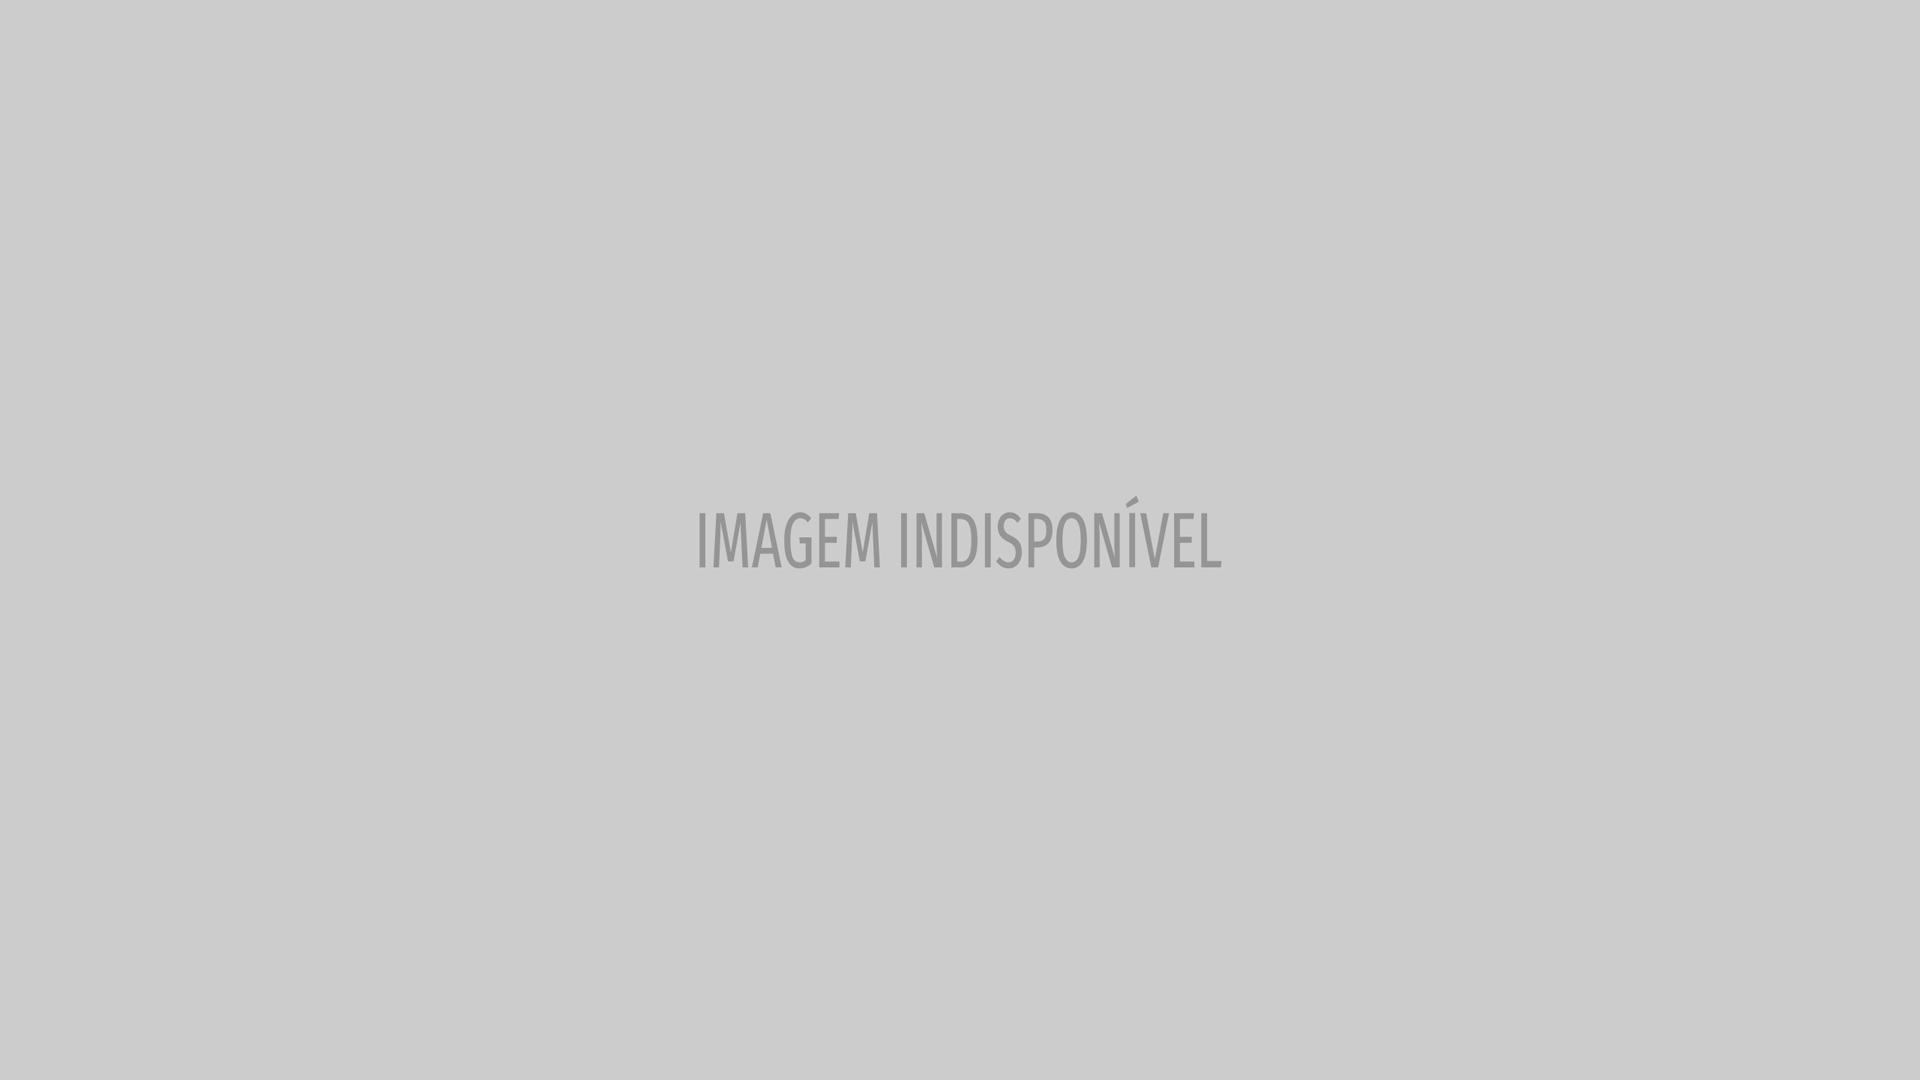 Em dia especial, Ana Rita Clara faz declaração apaixonada ao marido